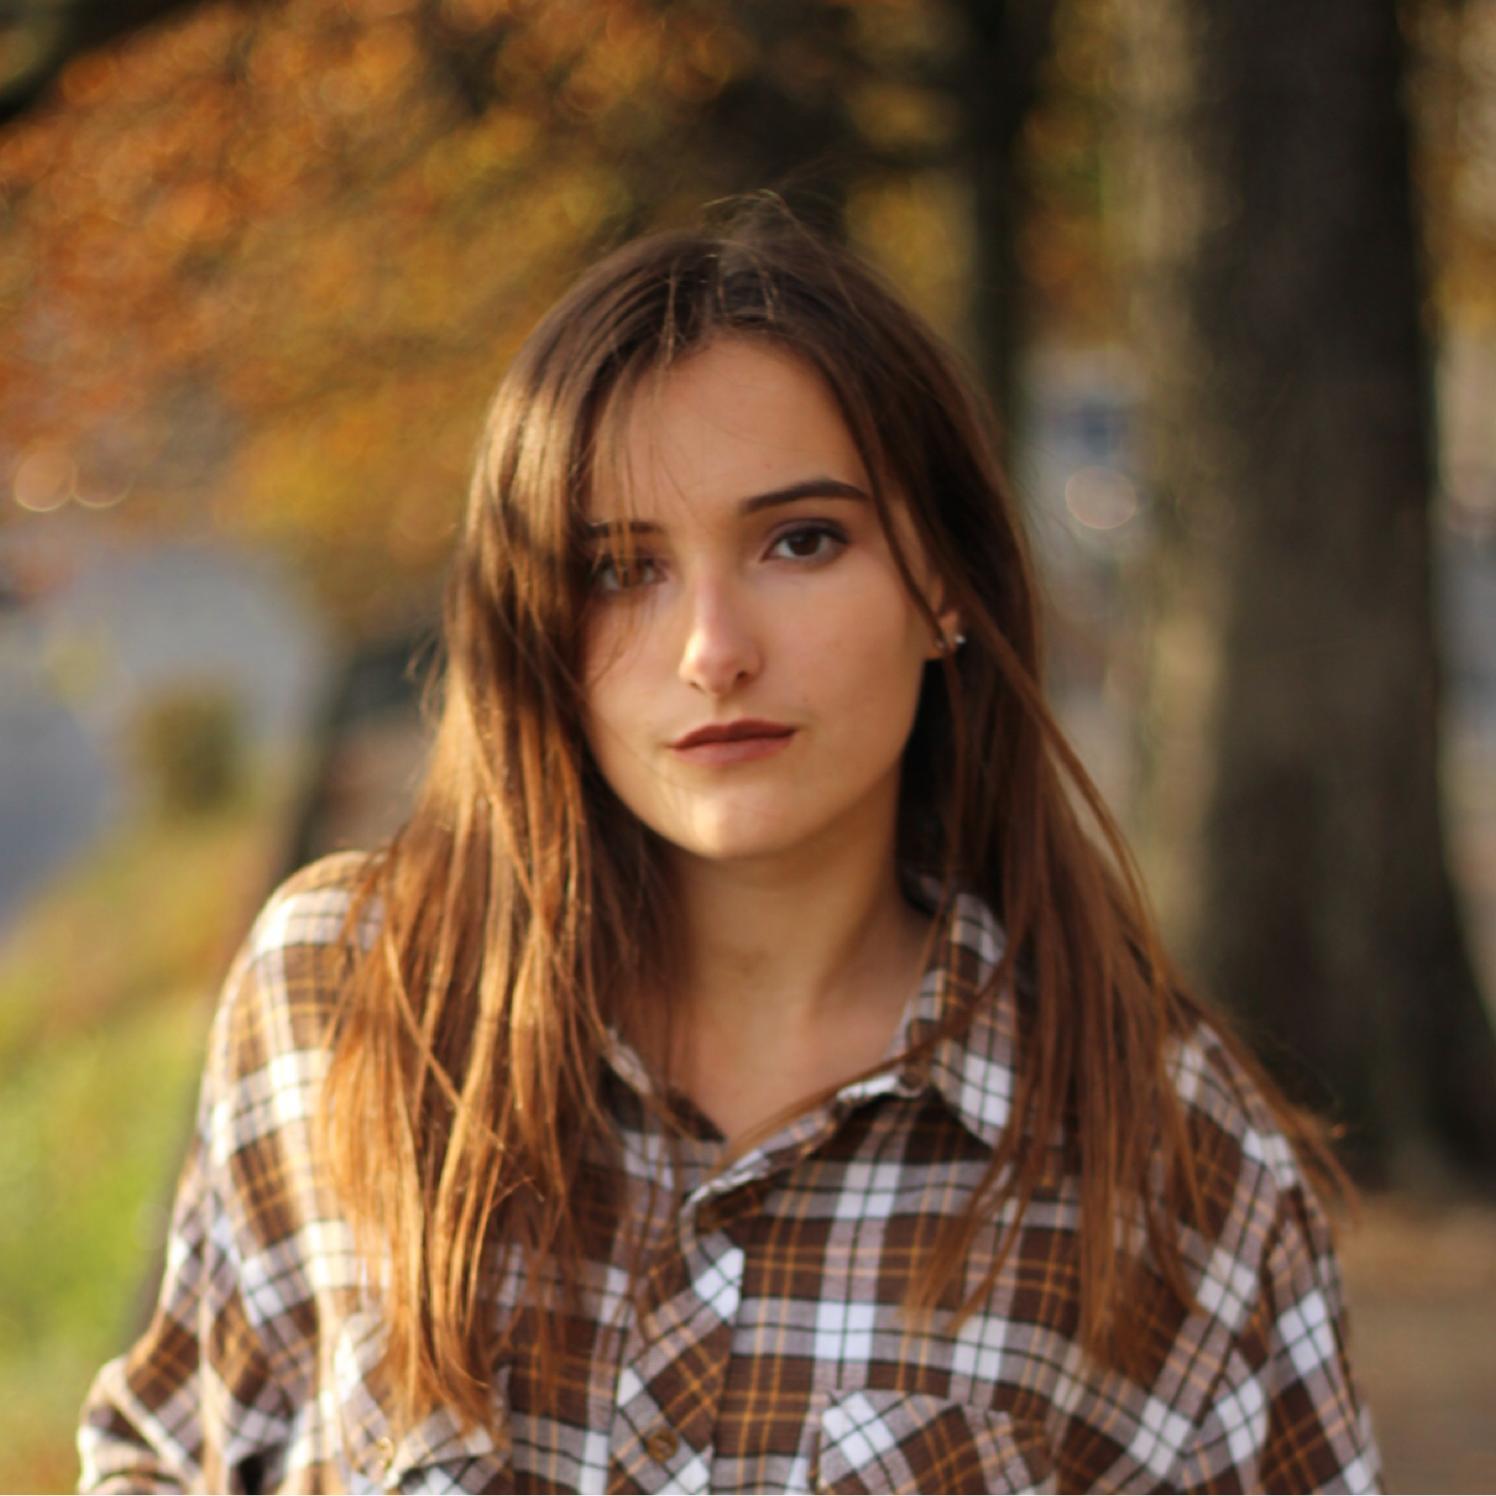 Giorgia Moltrasio